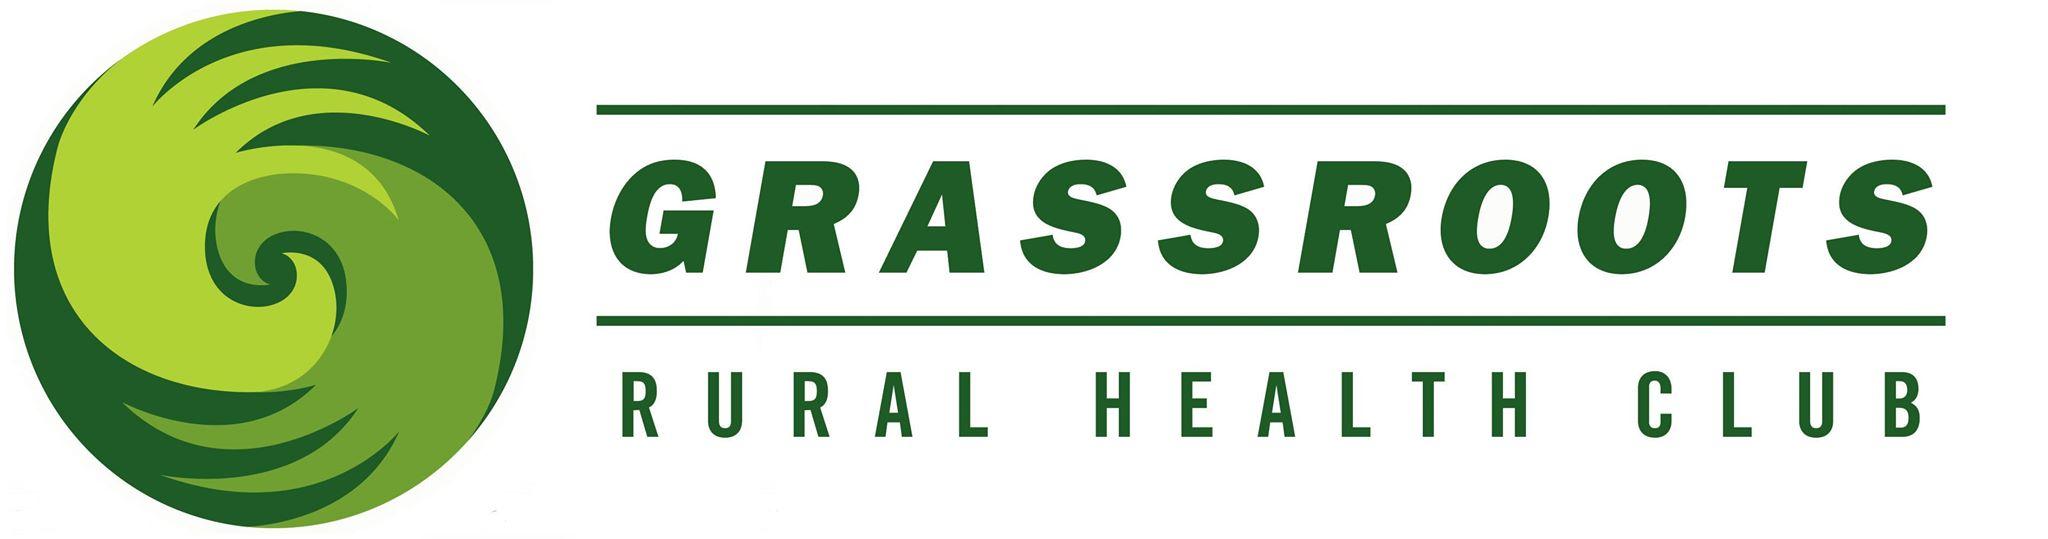 Grassroots Rural Health Club